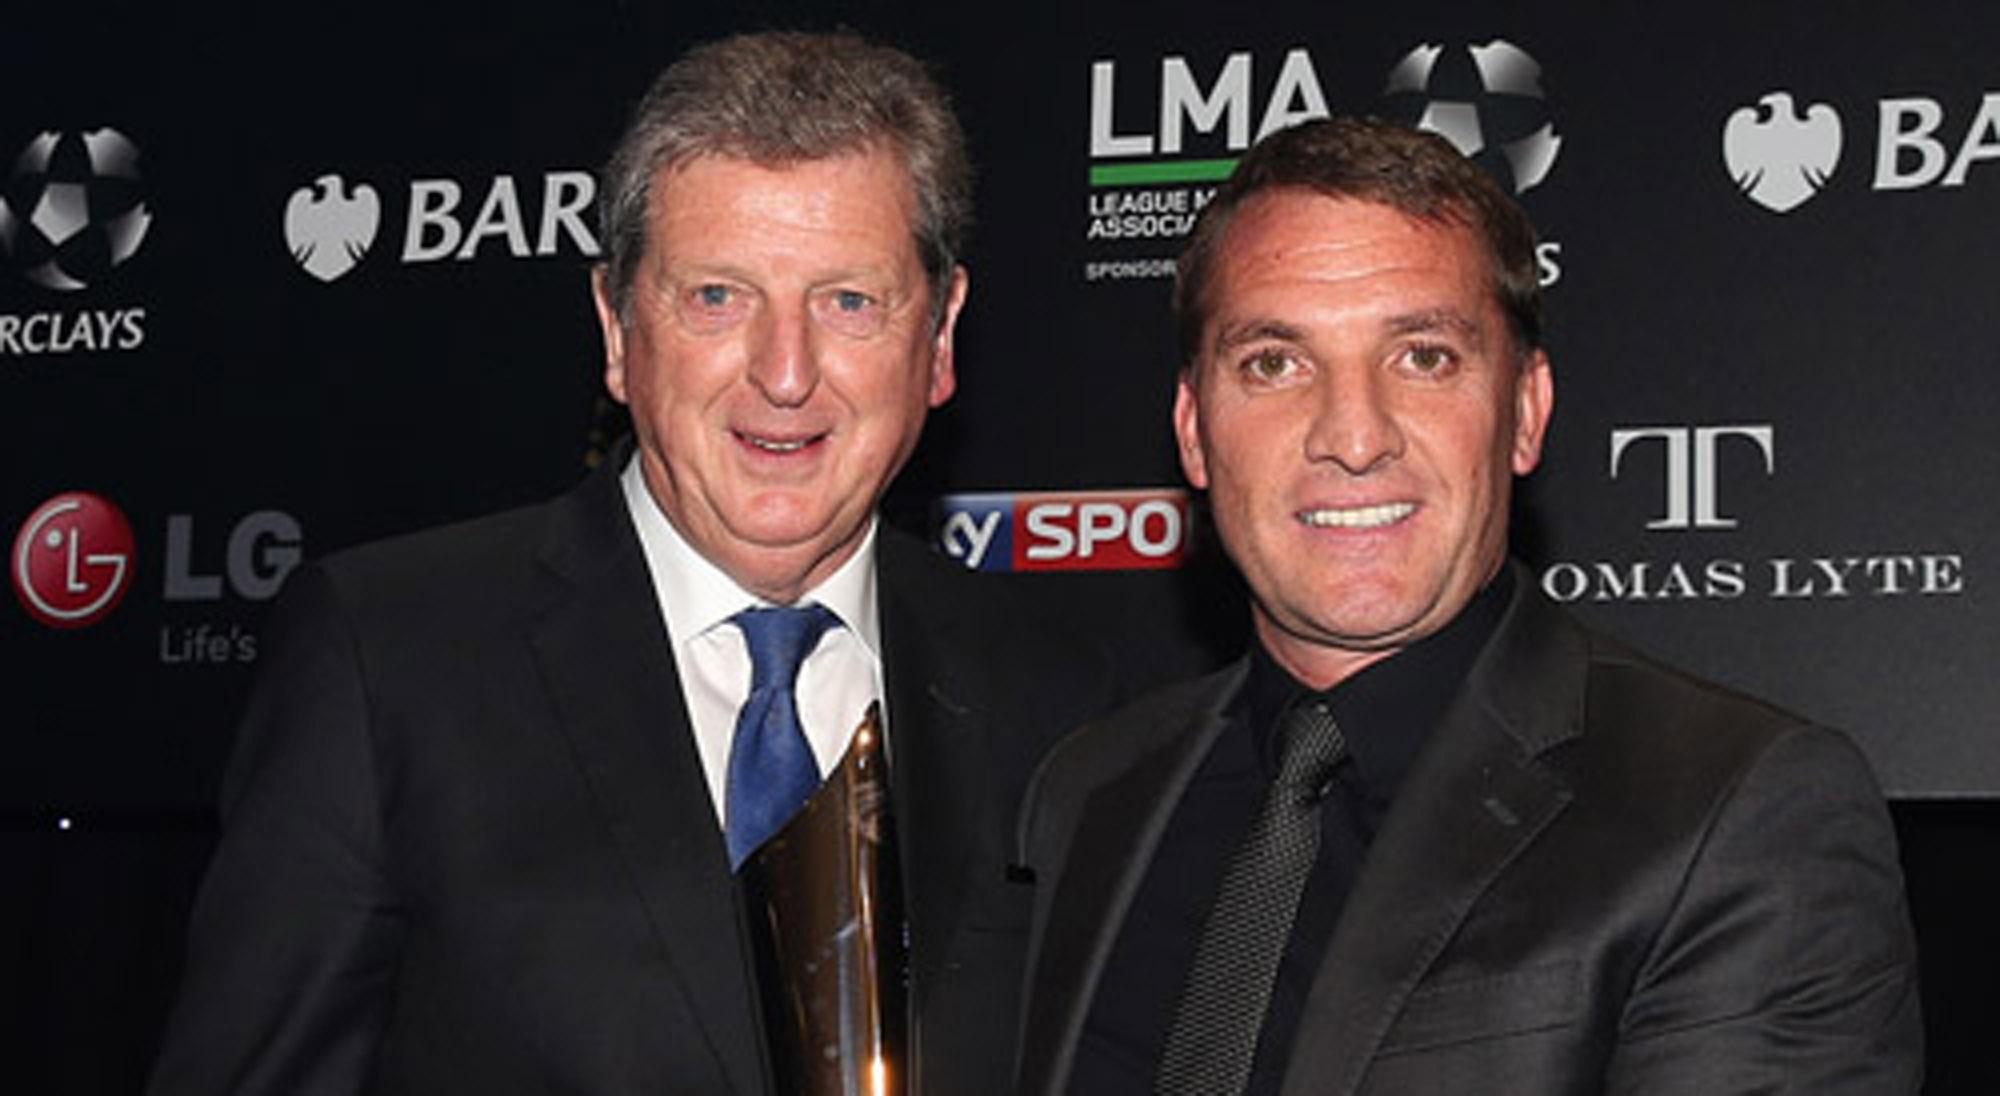 League Managers Association PR Shoot 12/05/2014